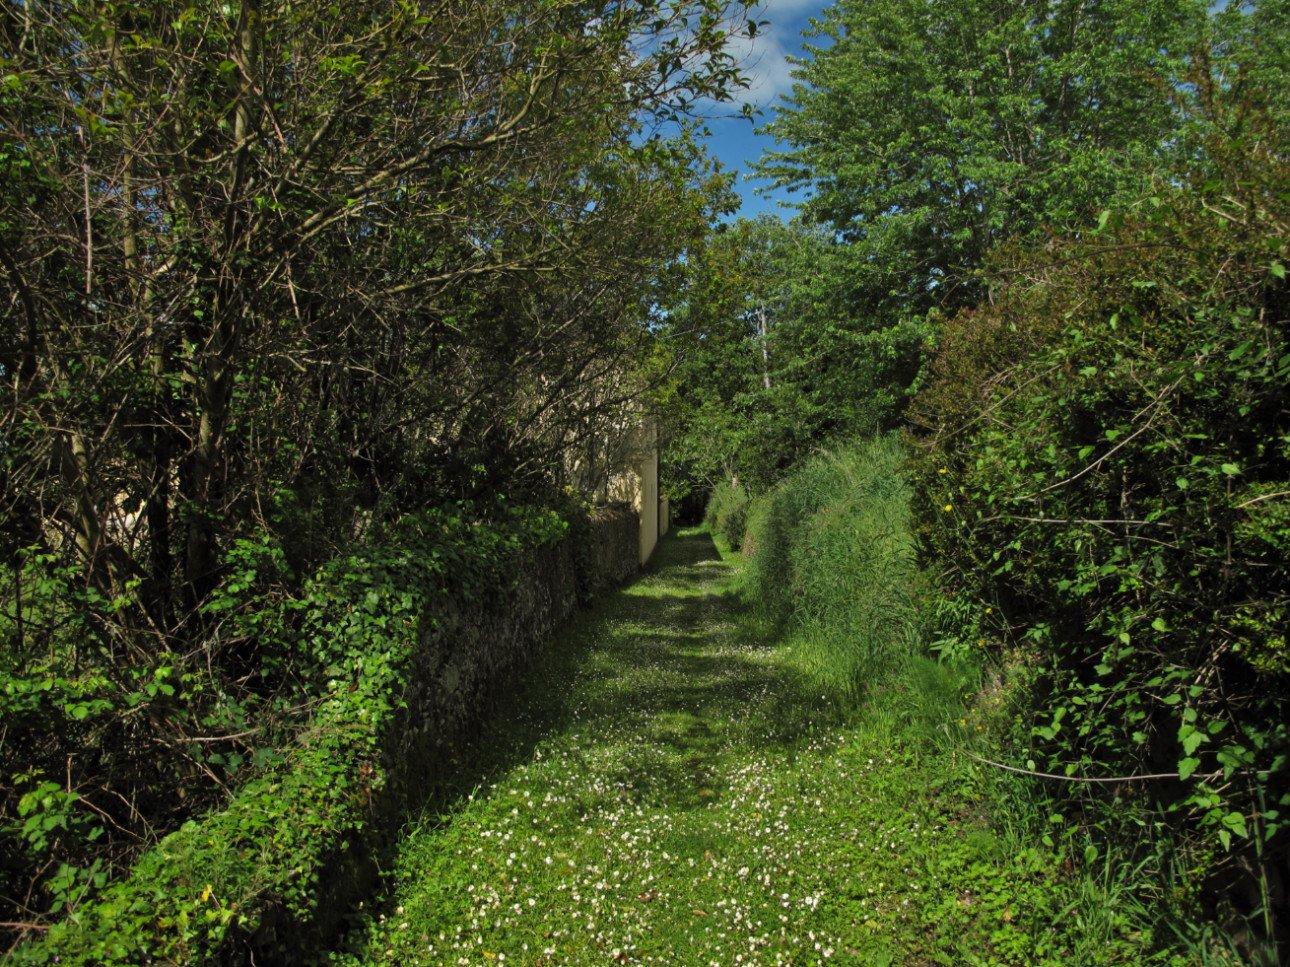 Calci - sentiero tra vigne e ulivi